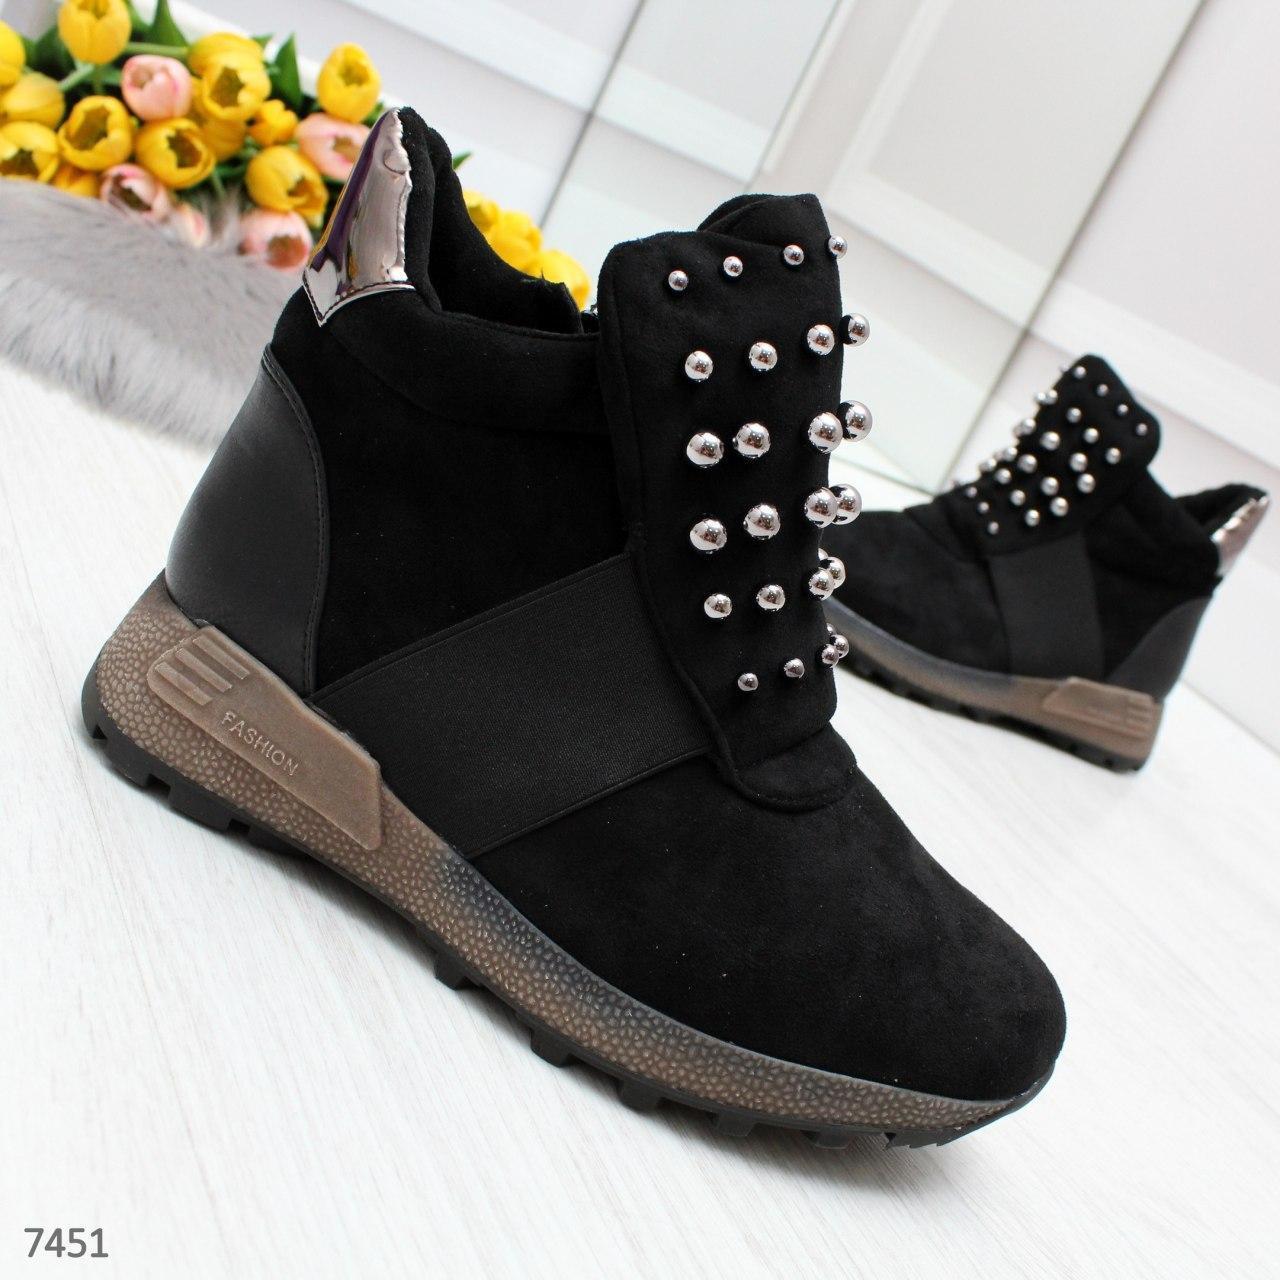 Женские зимние ботинки из замши на меху с декором OB7451